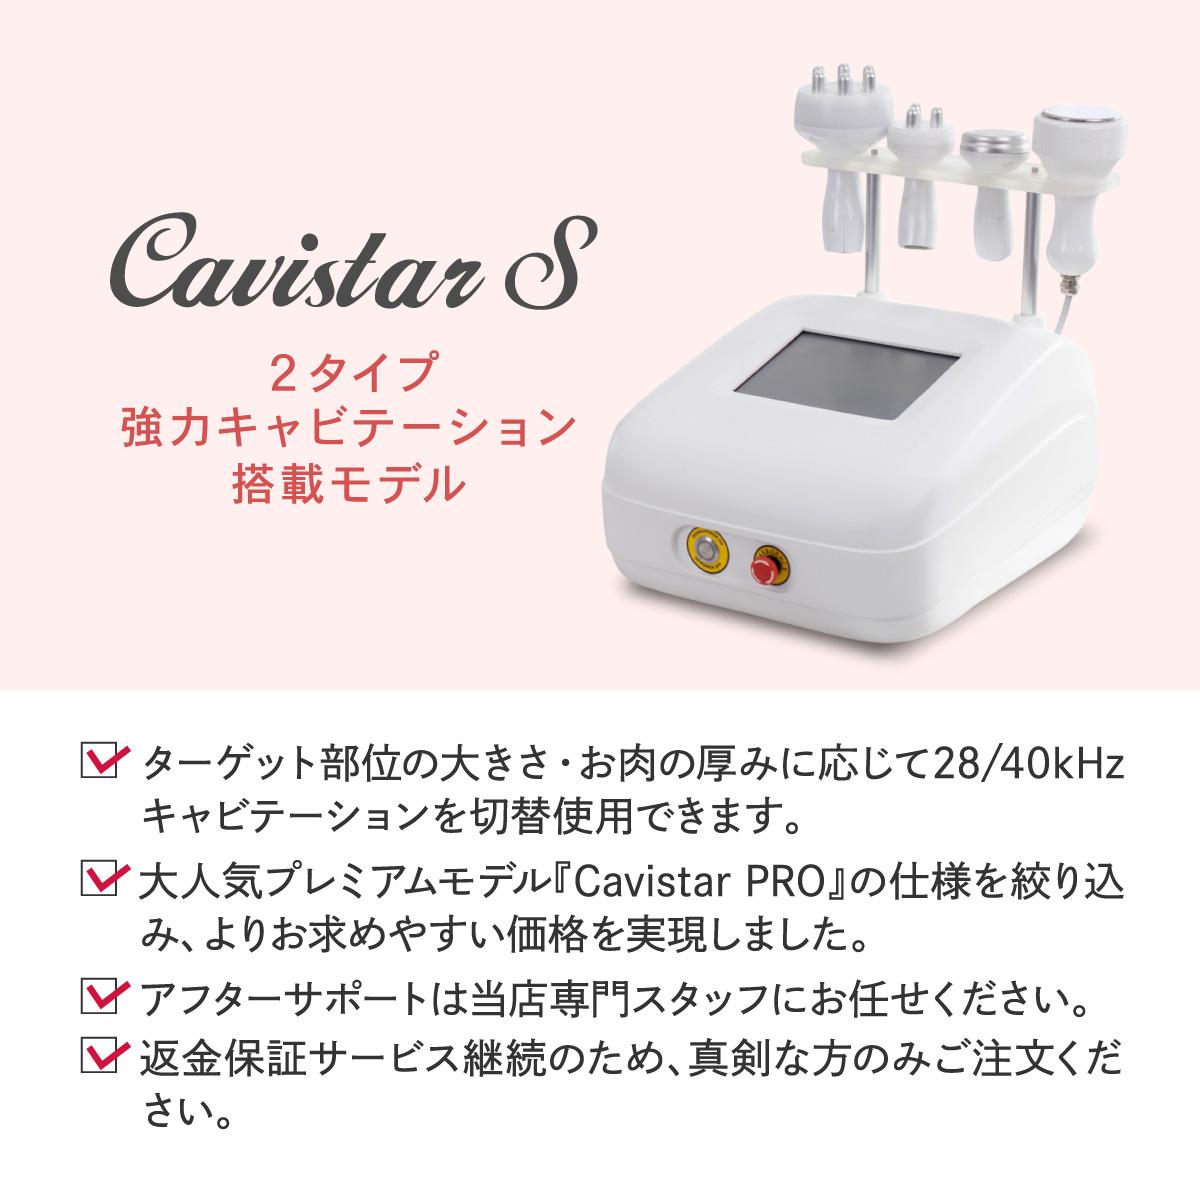 Cavitstar S